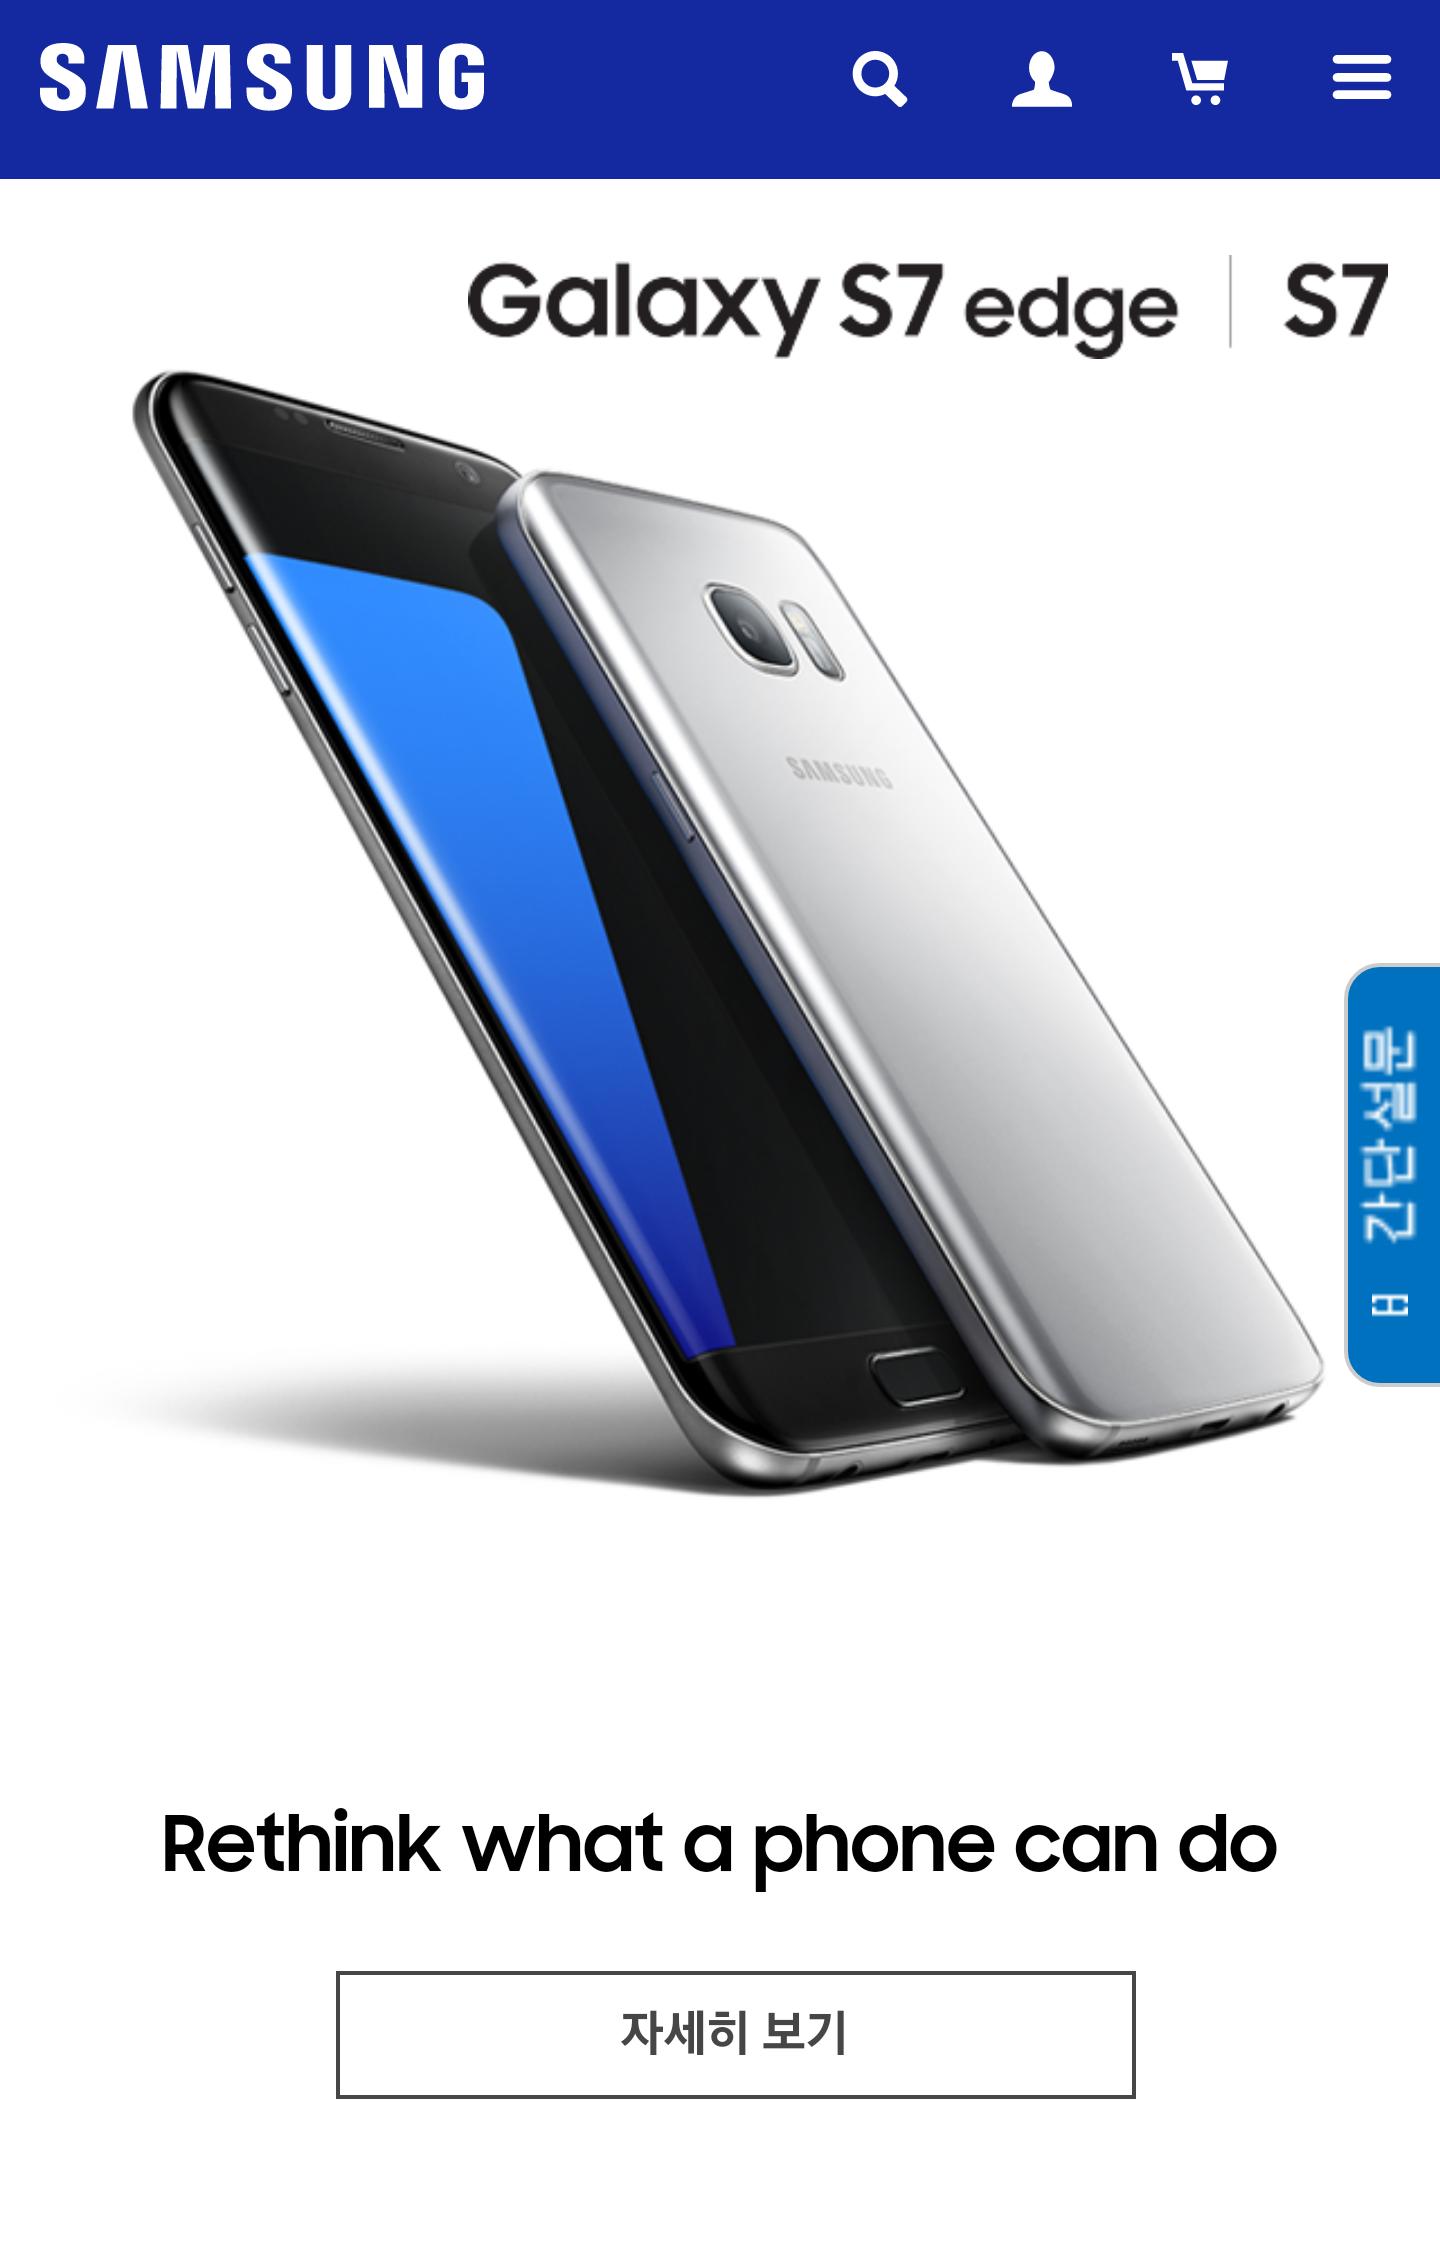 Galaxy-S7-edge-SK-promo-poster.